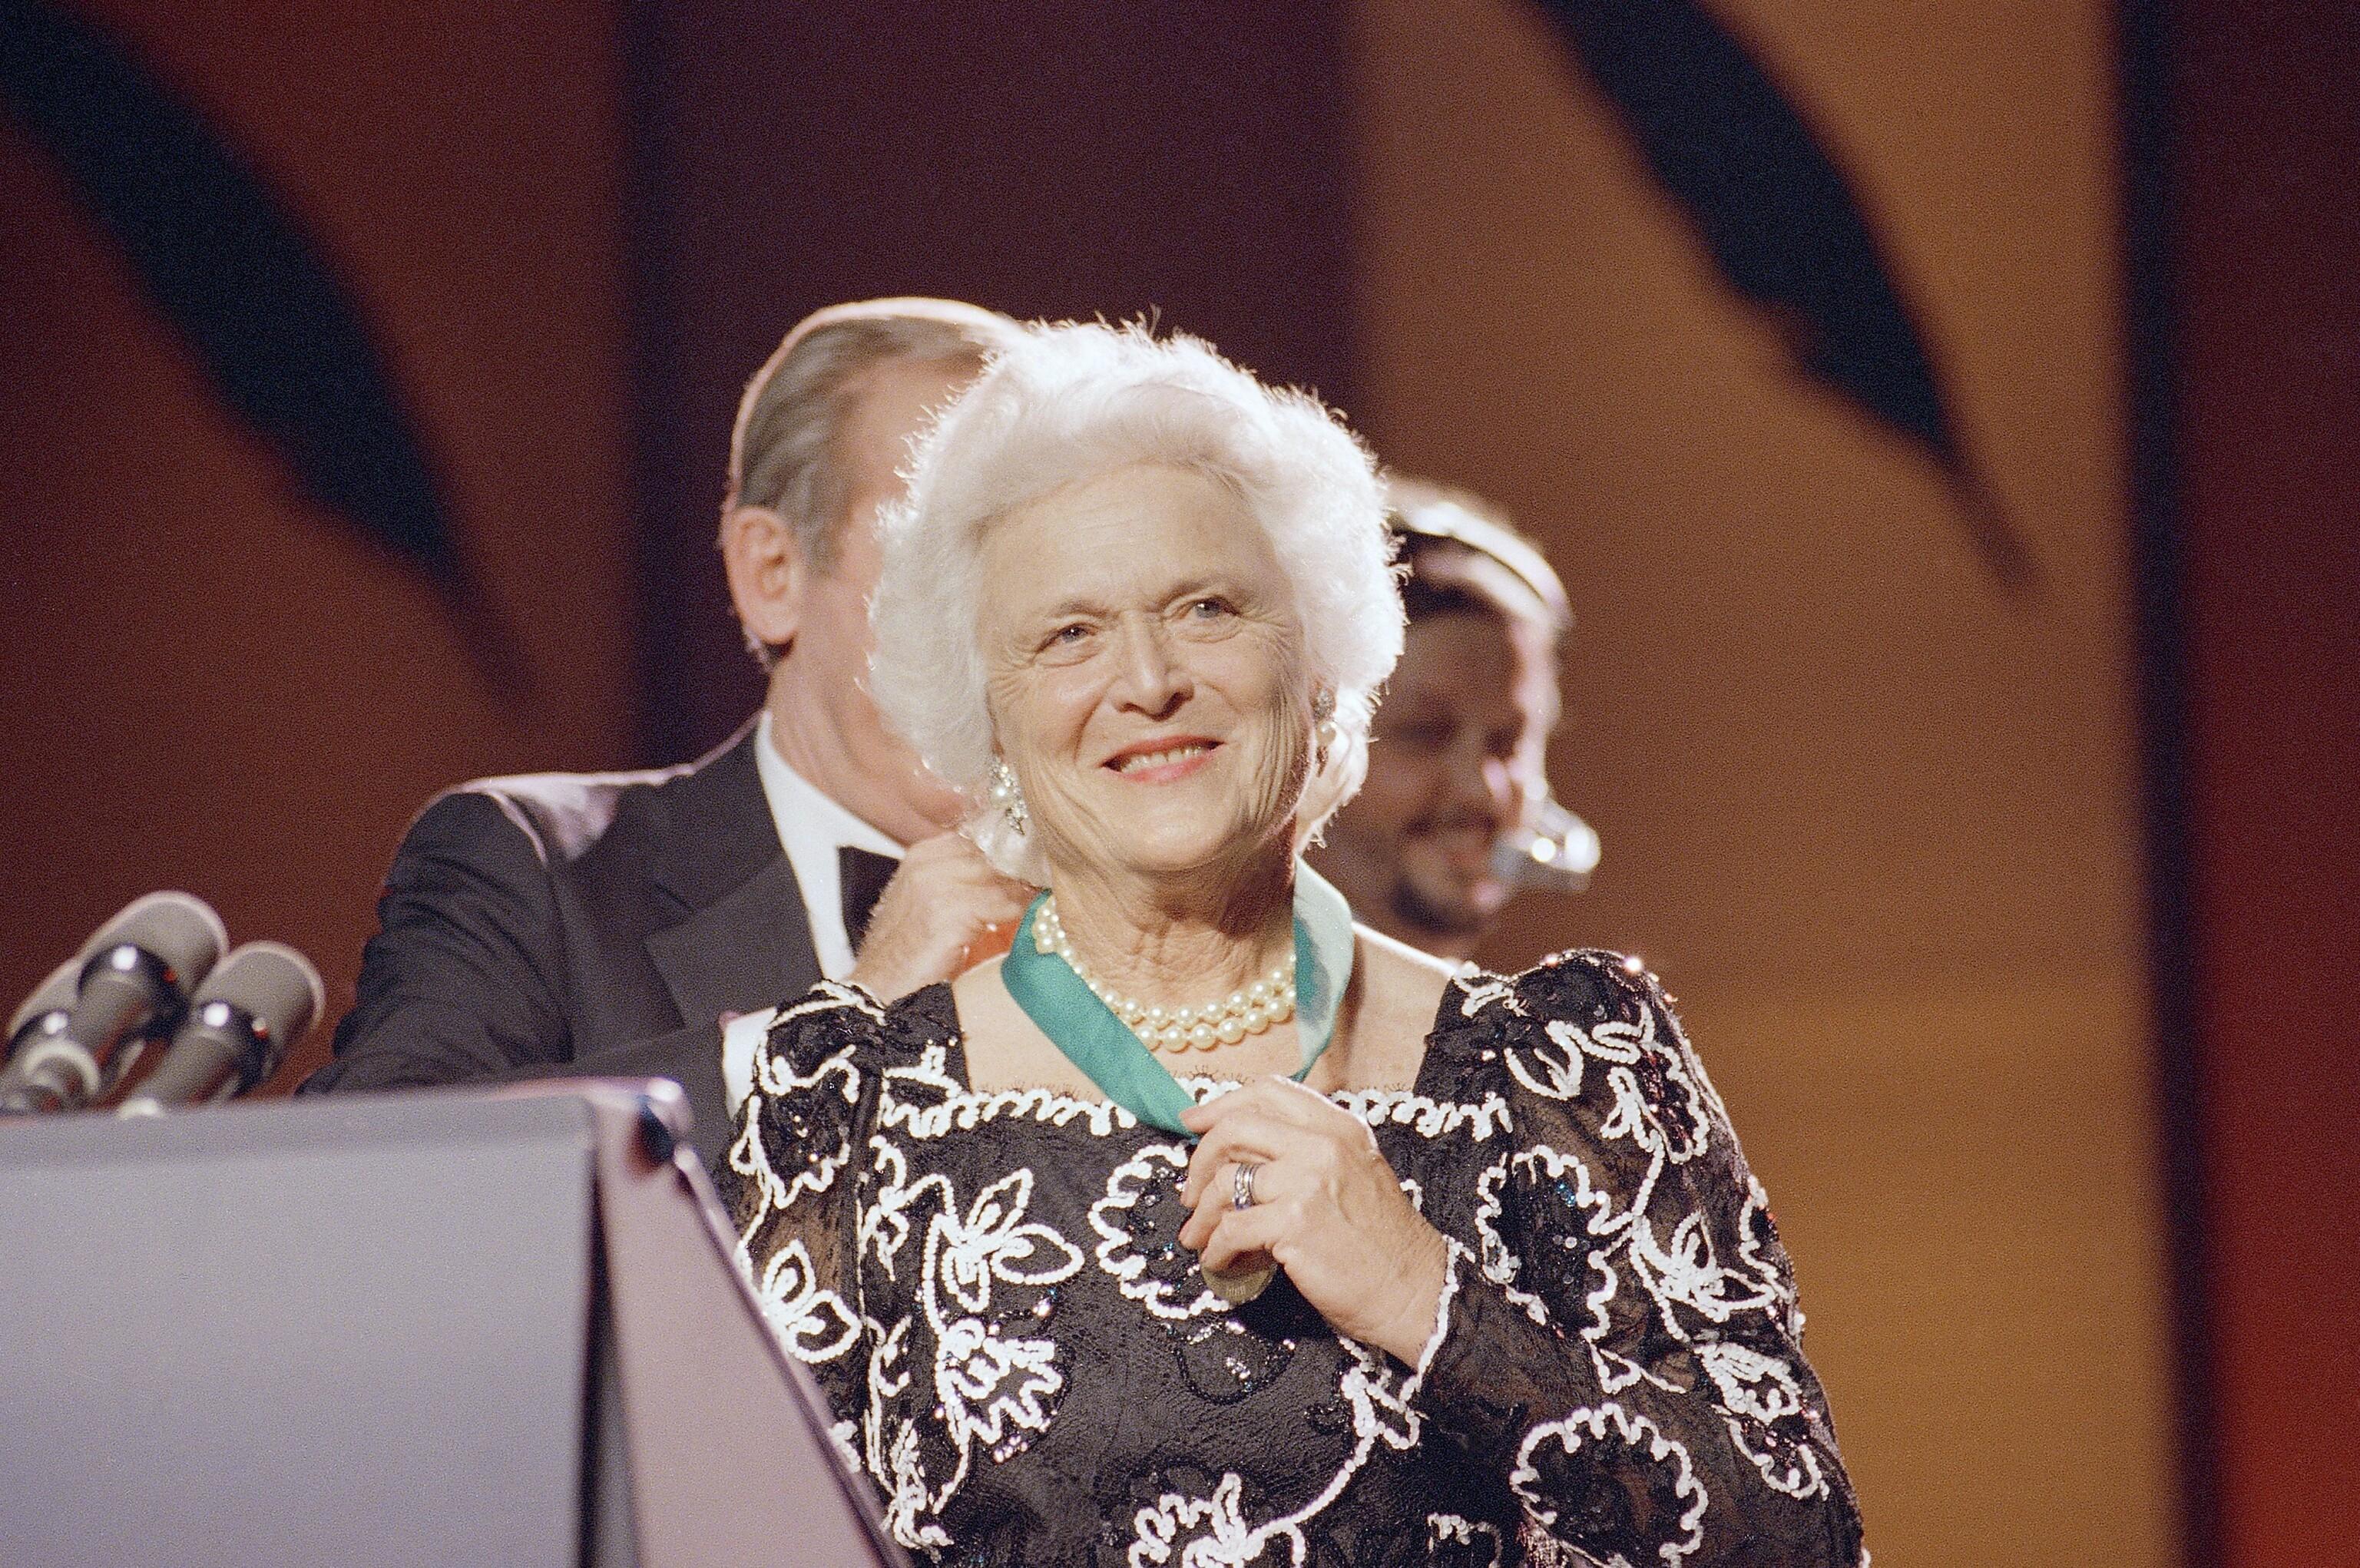 芭芭拉布什文学荣誉1988年11月